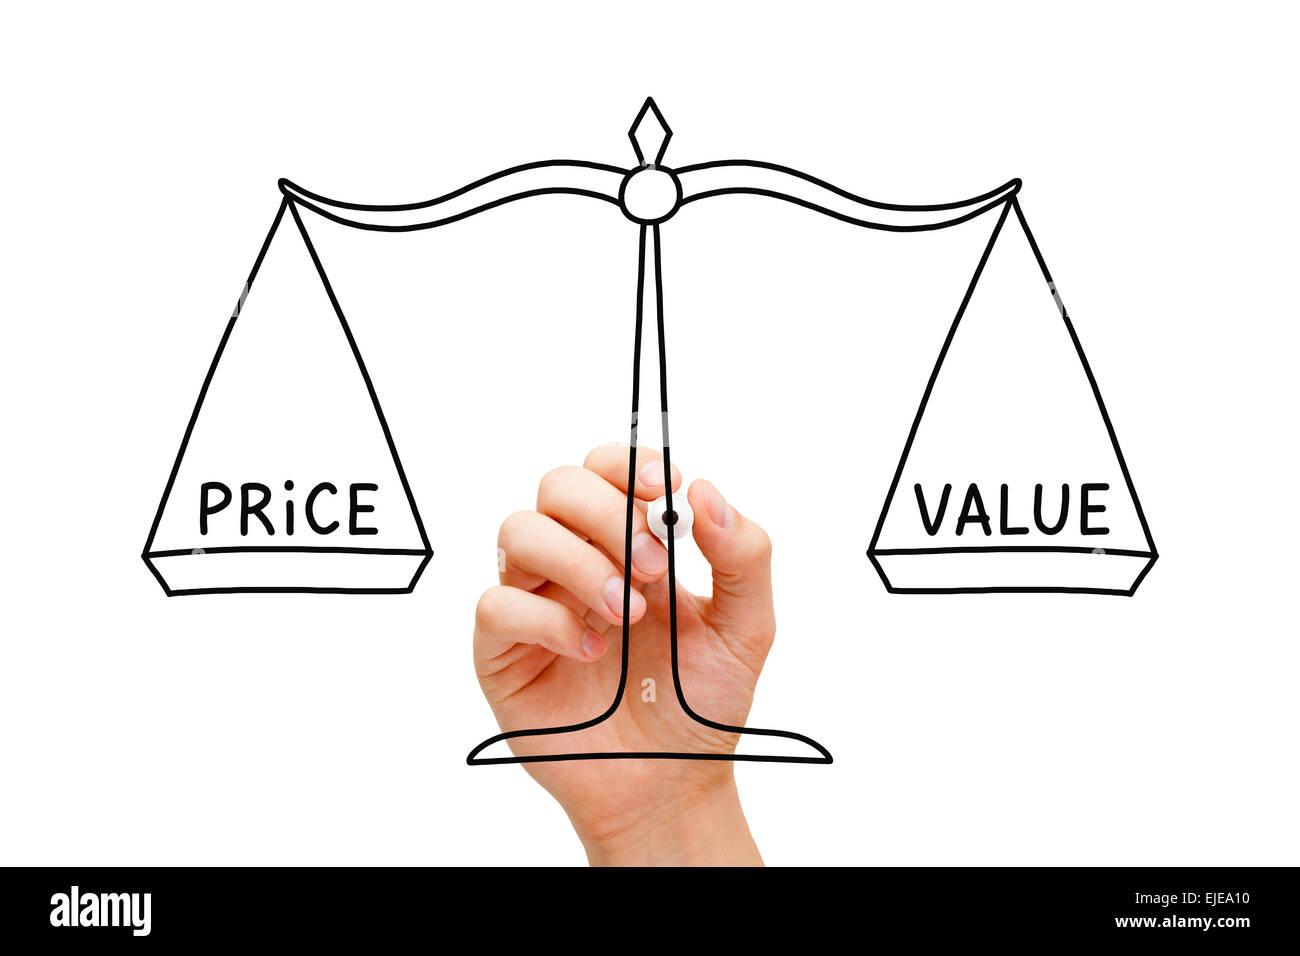 Dessin la main prix valeur balance concept avec marqueur noir sur transparent conseil essuyer - Dessin de balance ...